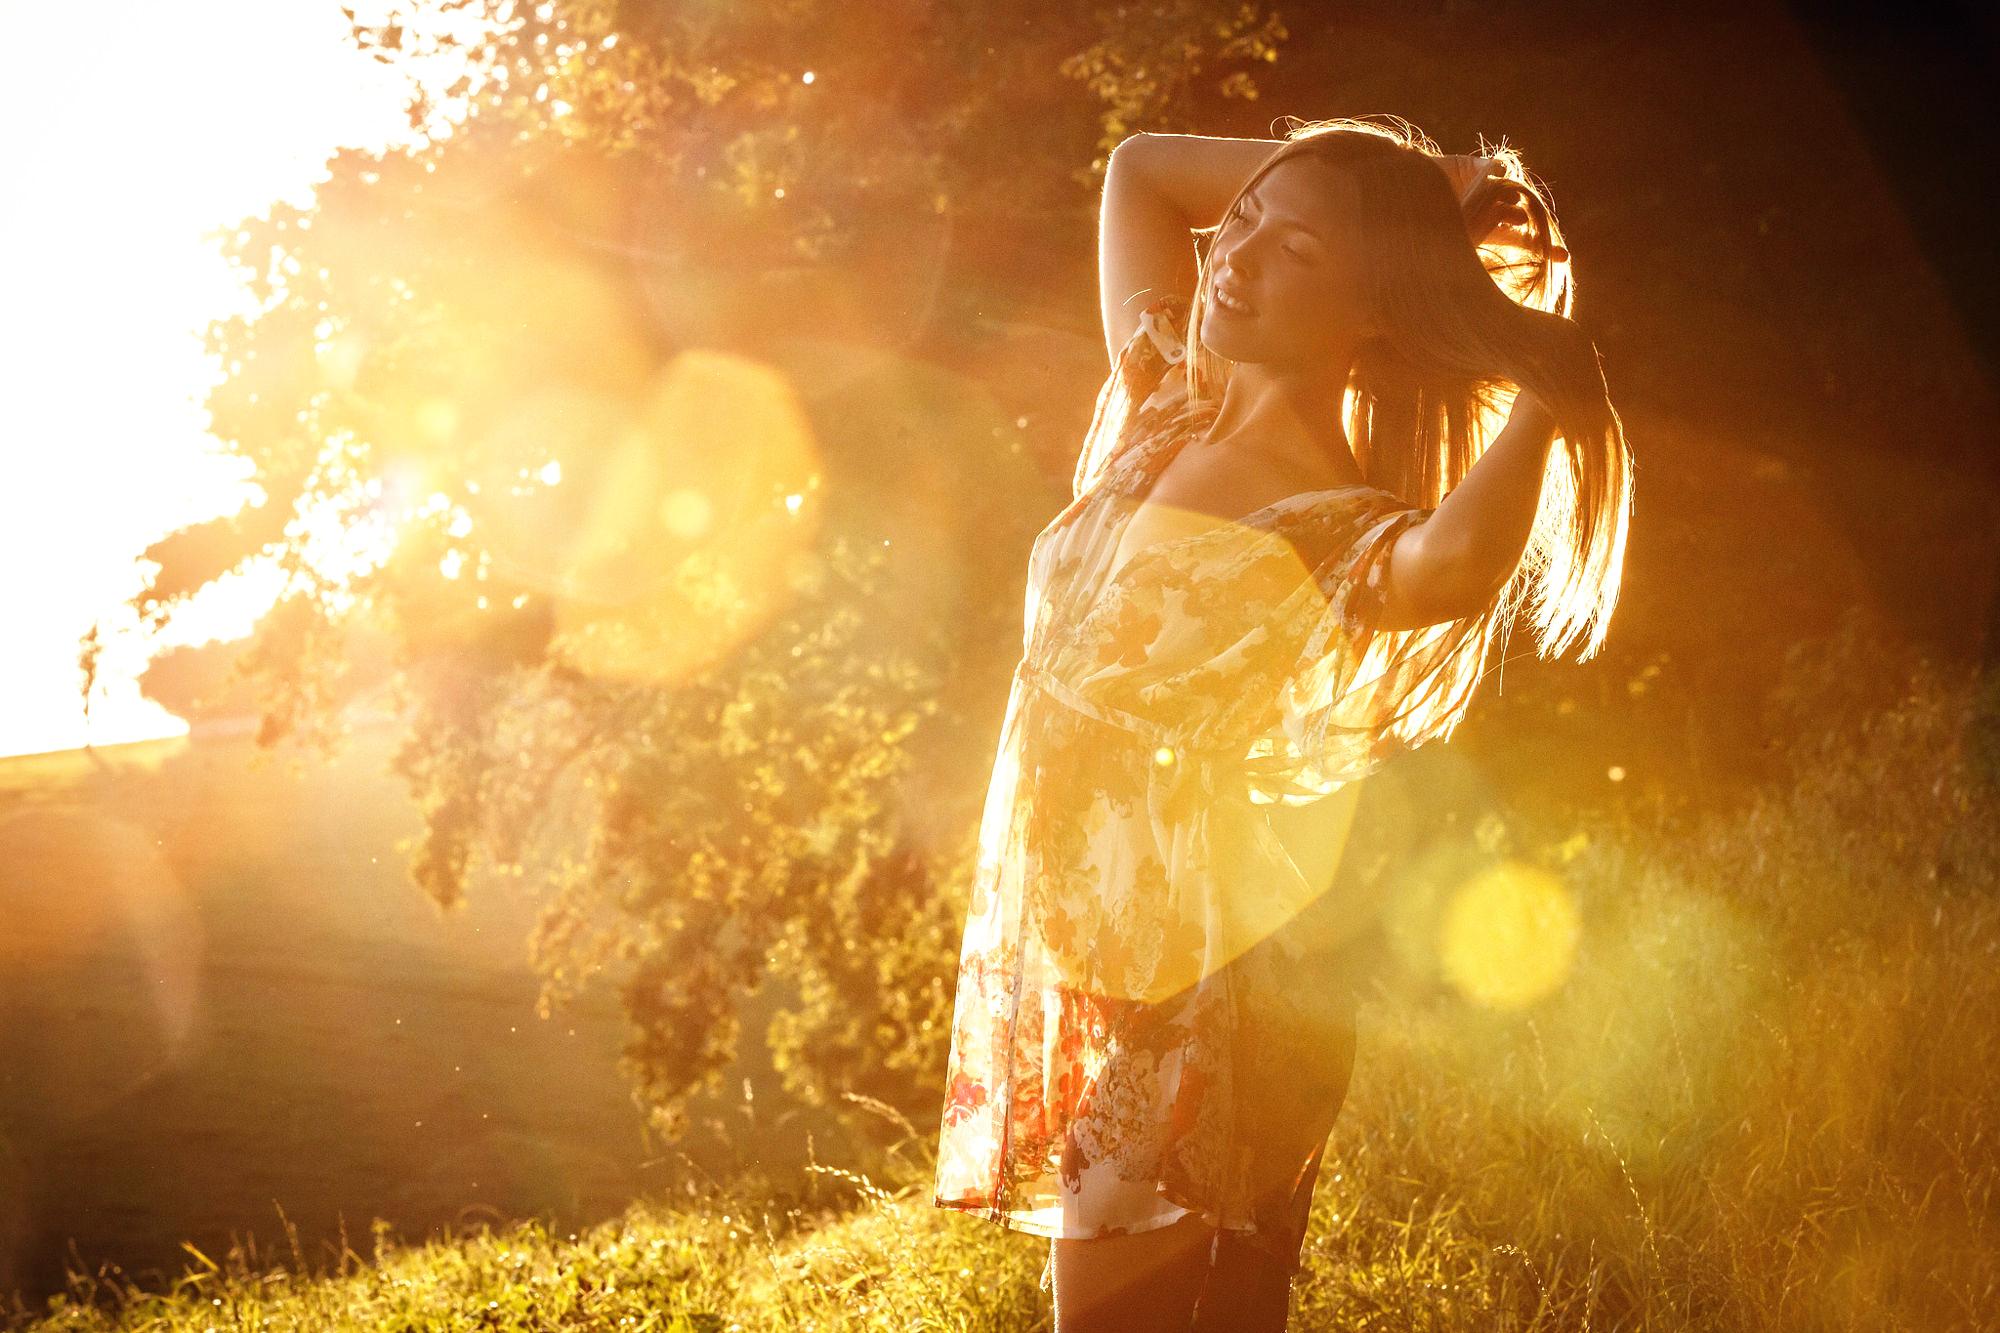 восхождении фото сделанные при солнечном свете слушать онлайн скачать